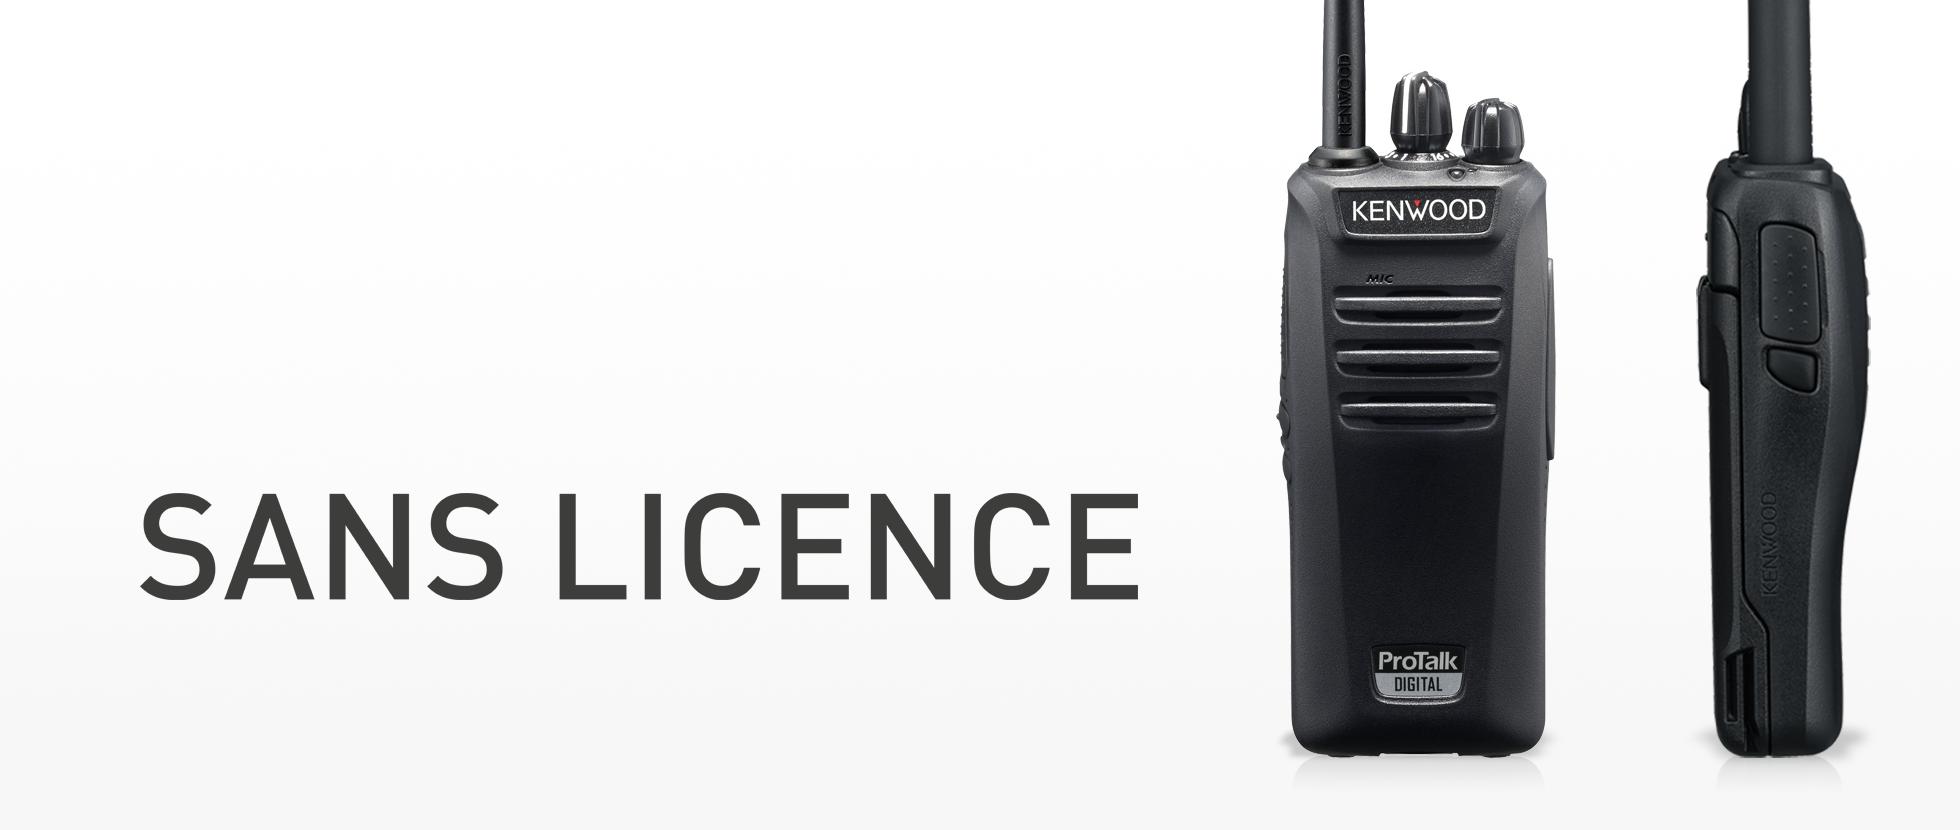 talkie walkie kenwood protalk tk-3501e